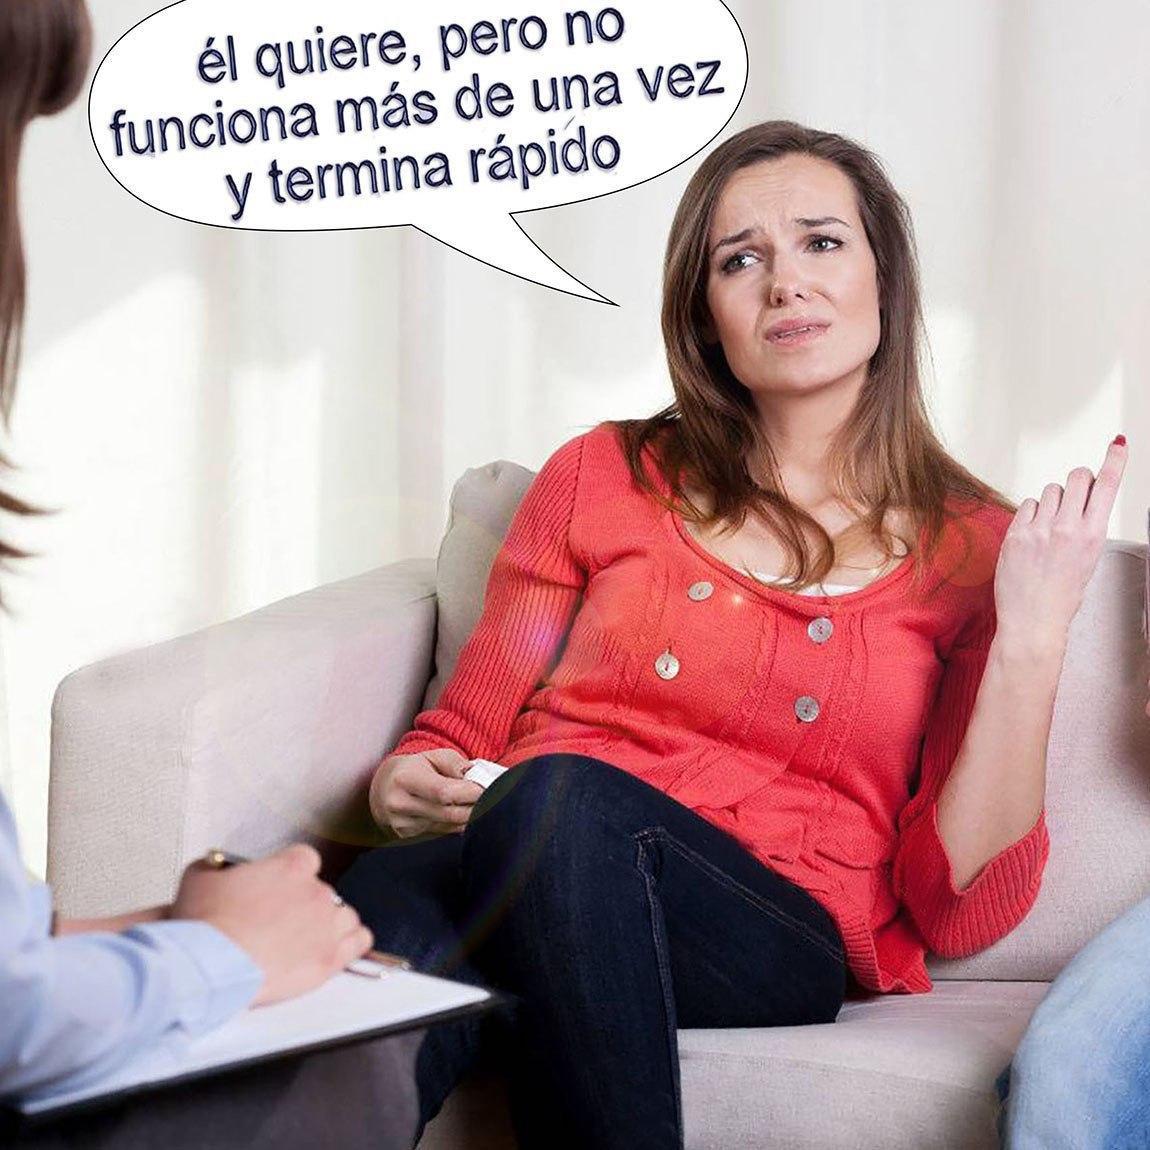 Кейс: сливаем на потенцию в Испанию из Facebook